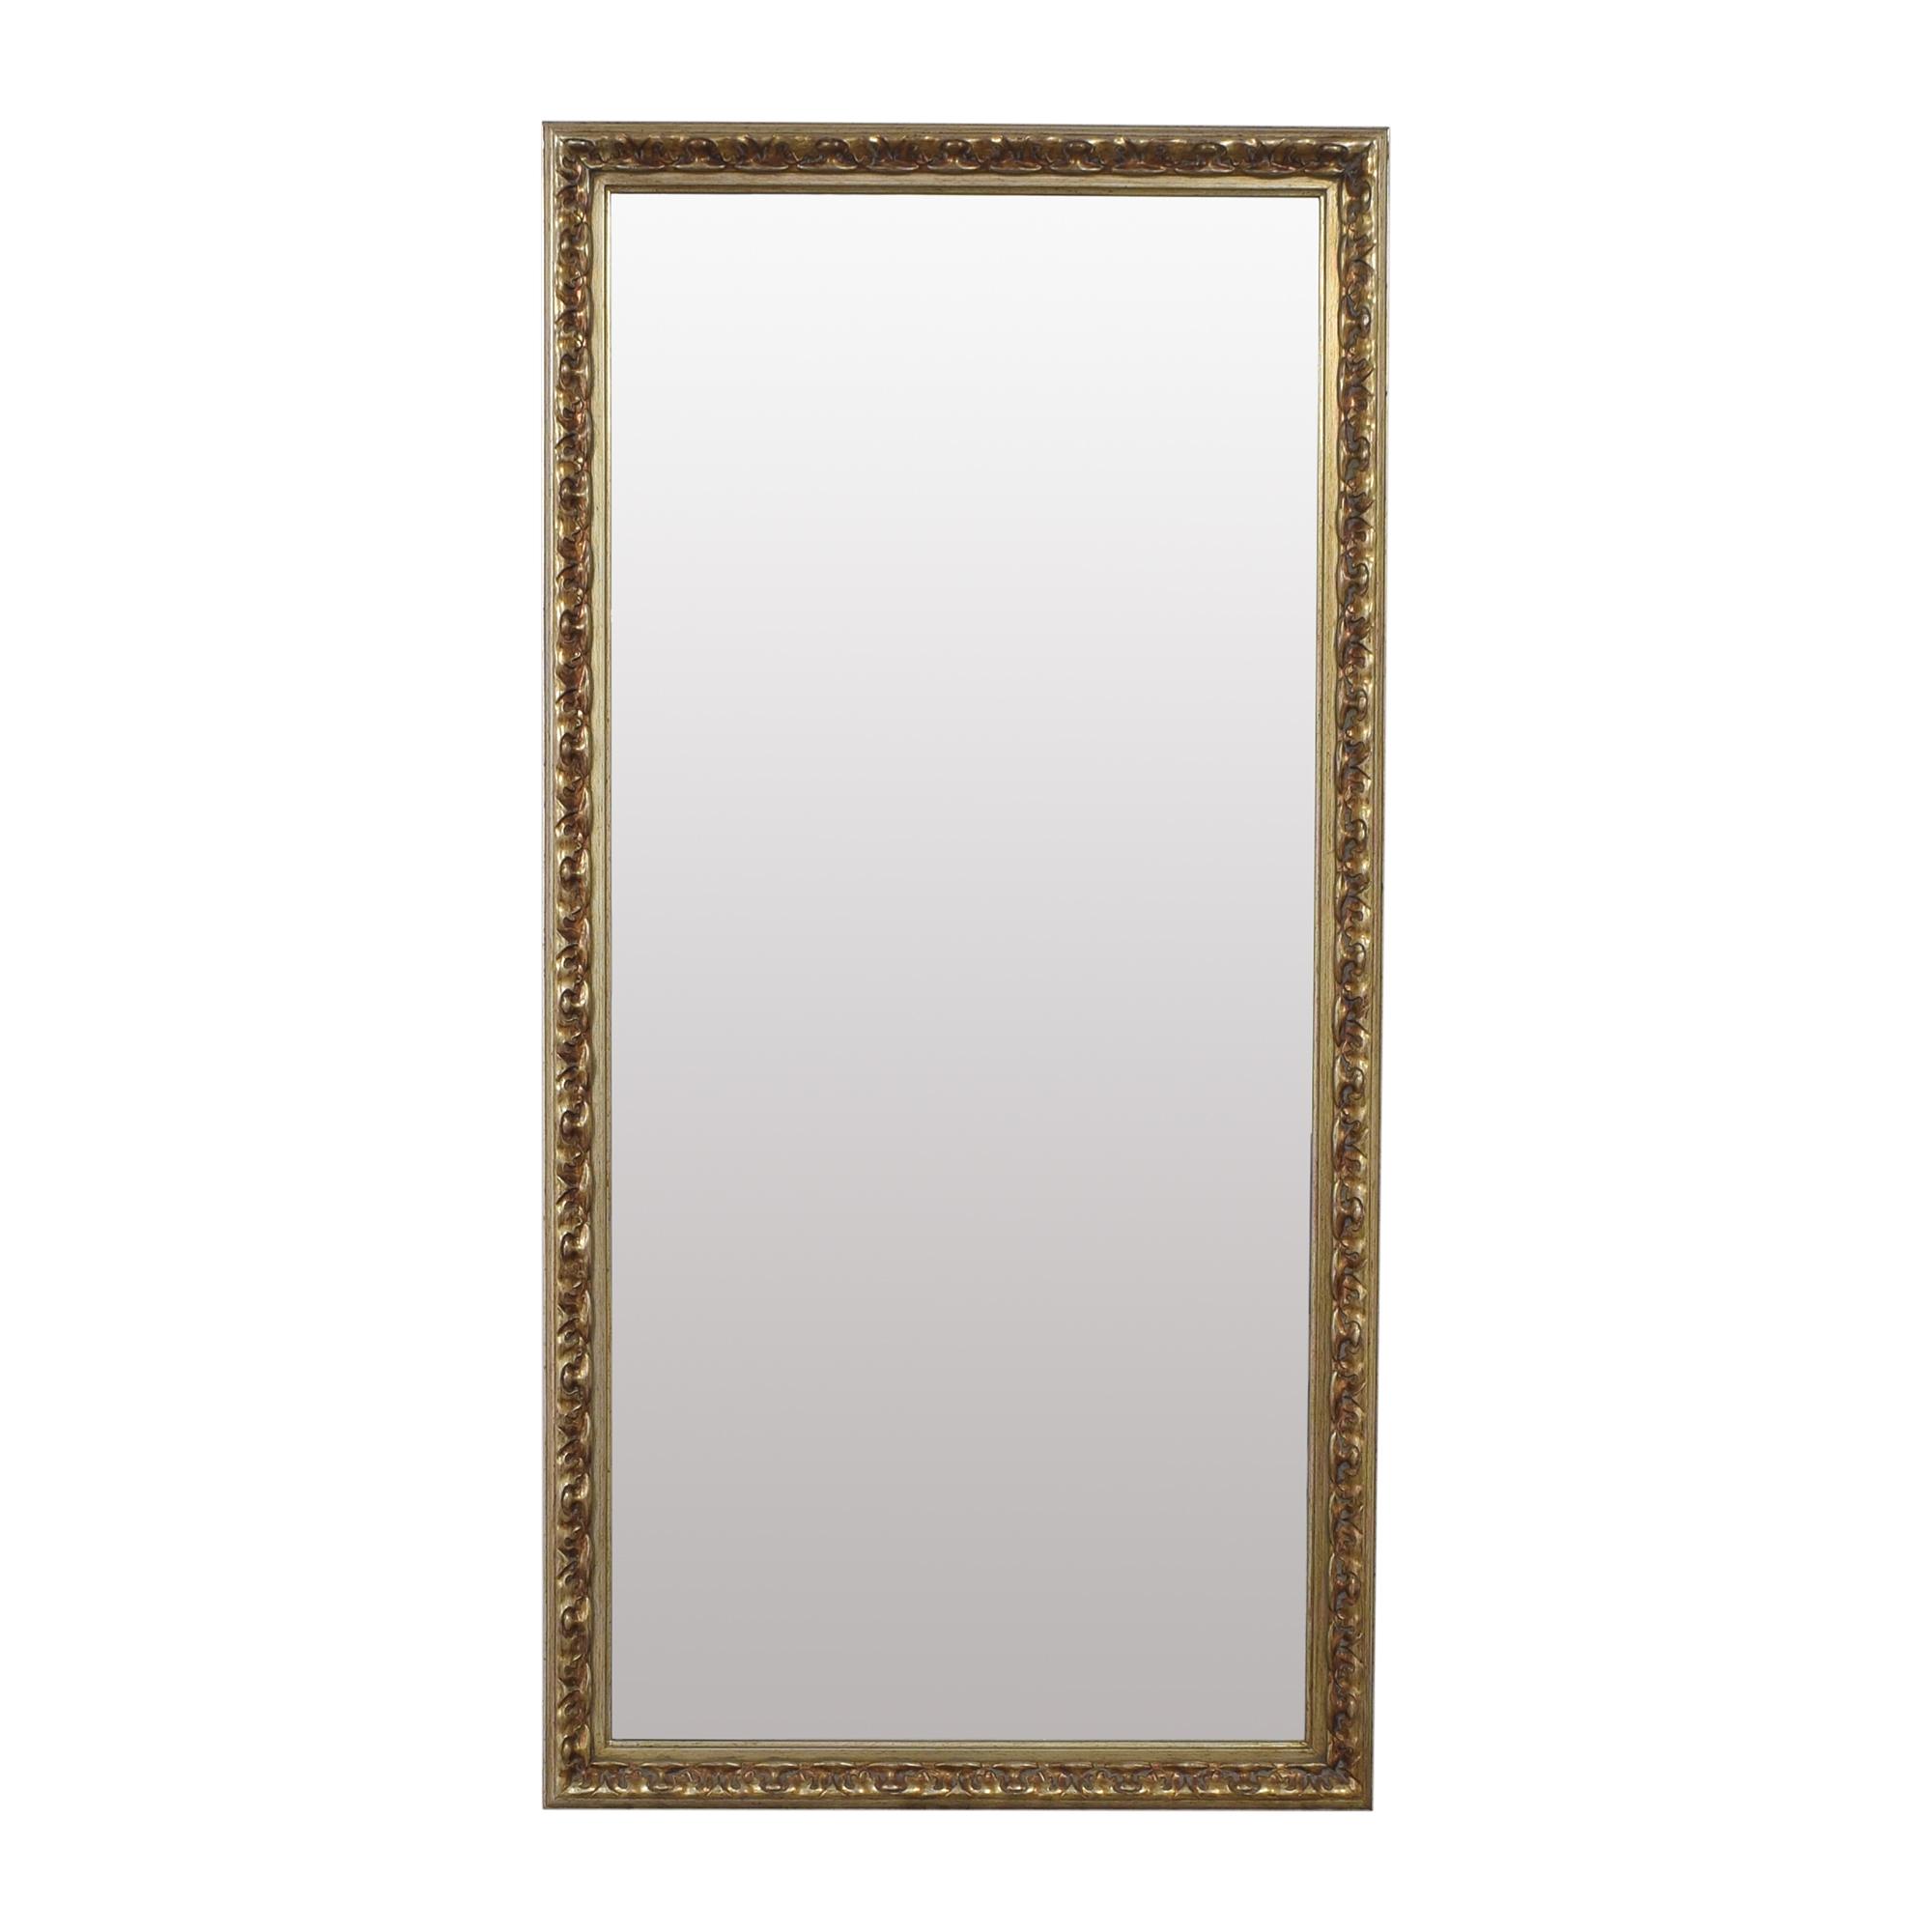 Bassett Mirror Company Bassett Mirror Company Framed Floor Mirror ma